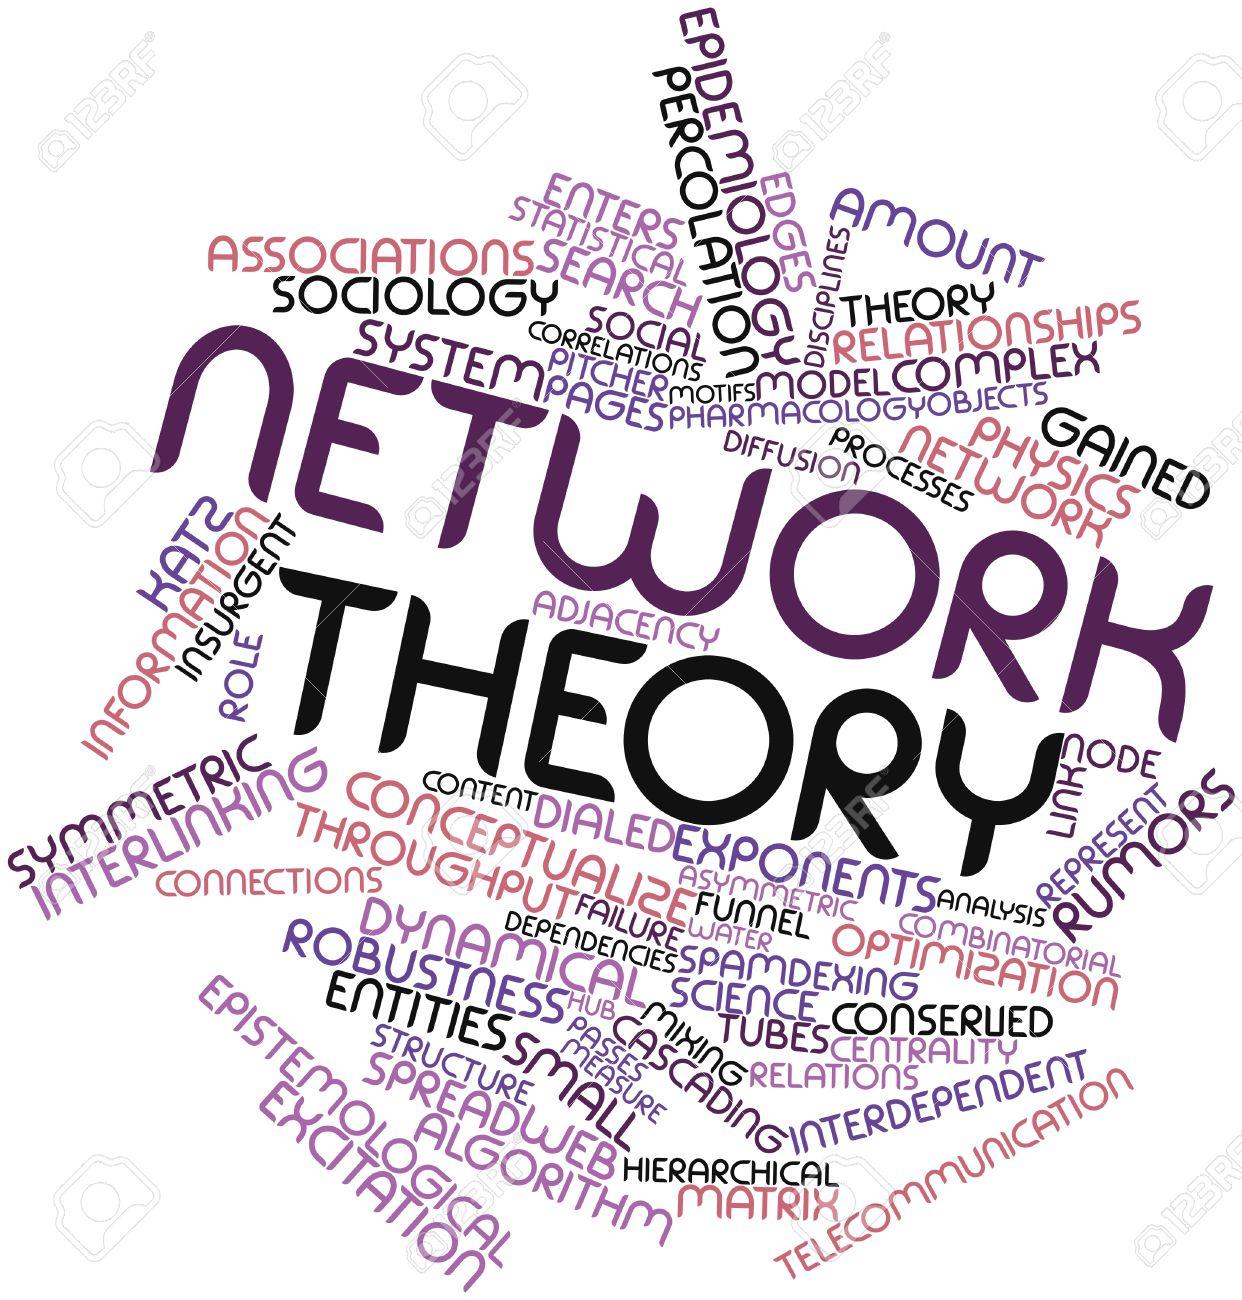 関連タグと用語ネットワーク理論...